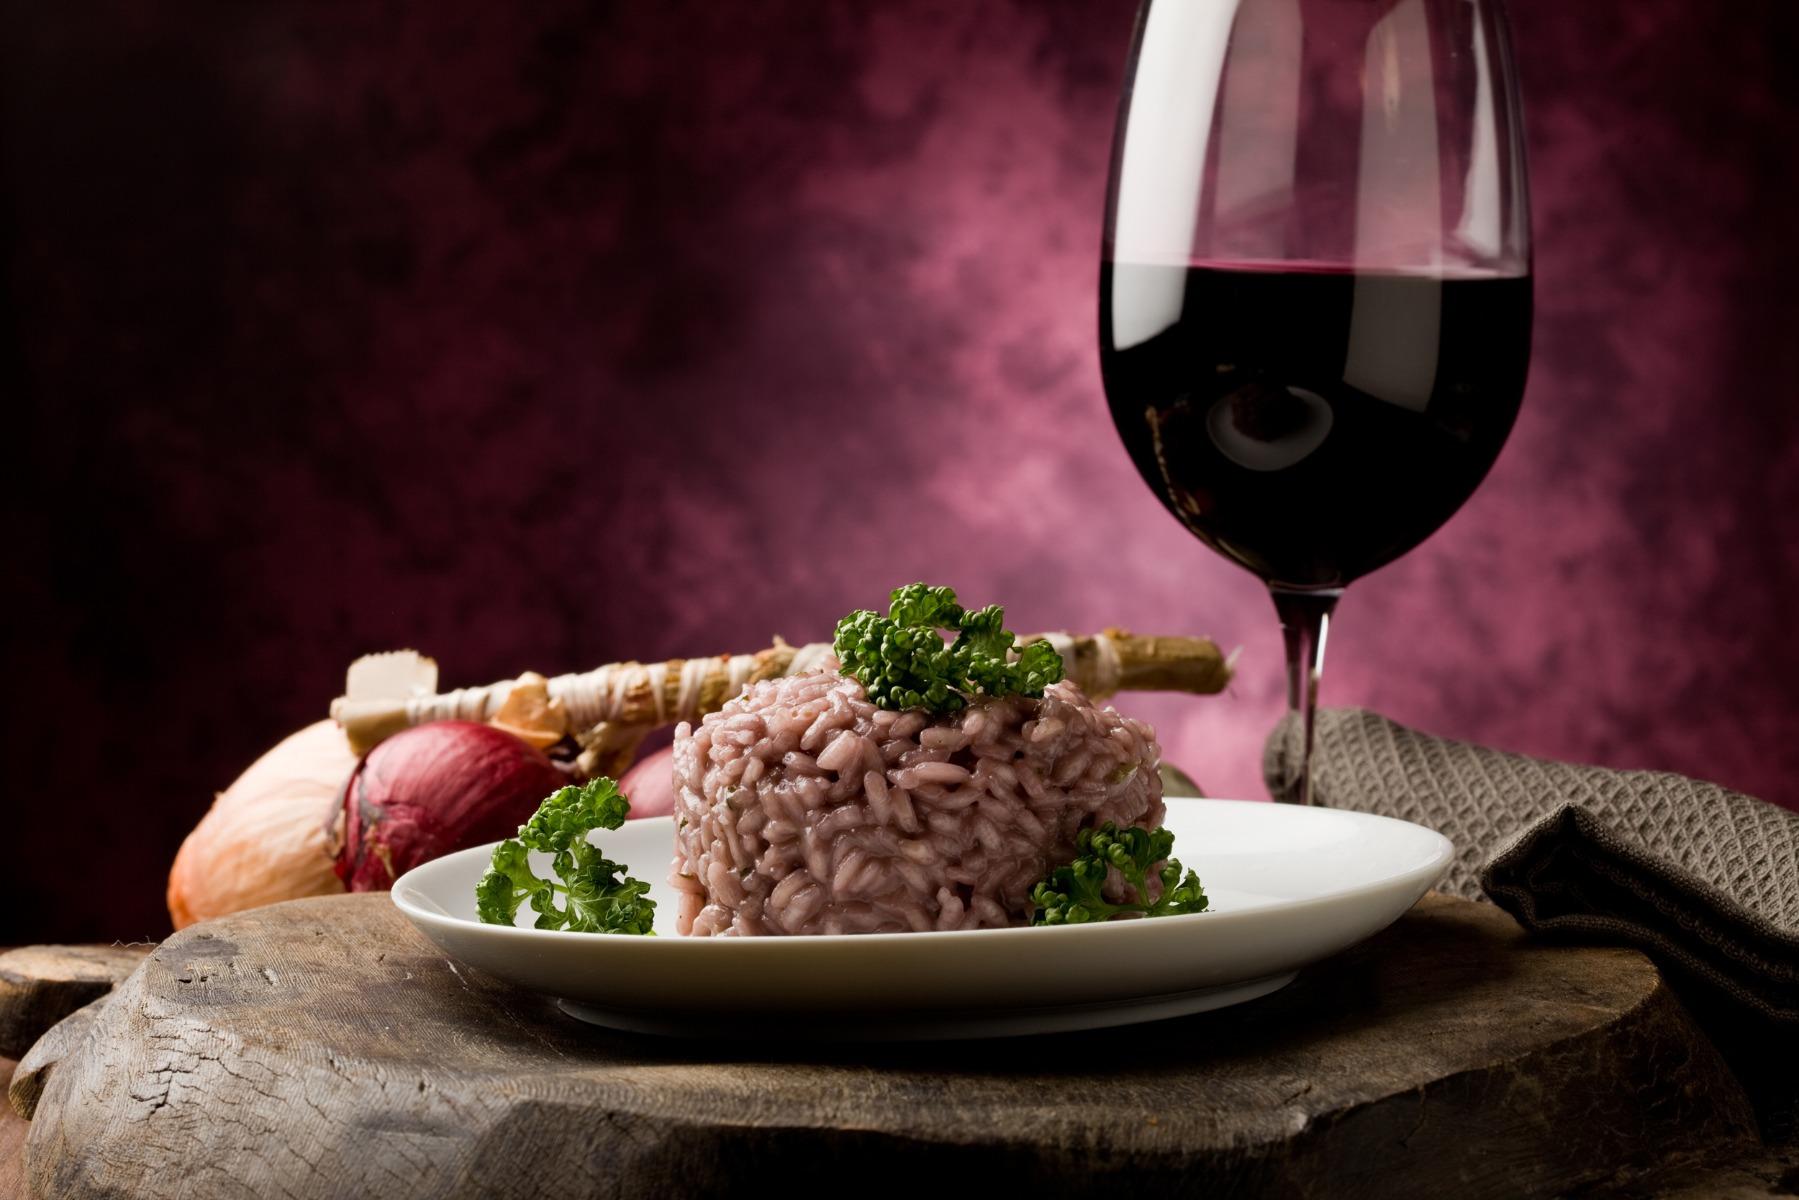 PrikenTik - Wijnstreken - Koken met wijn2